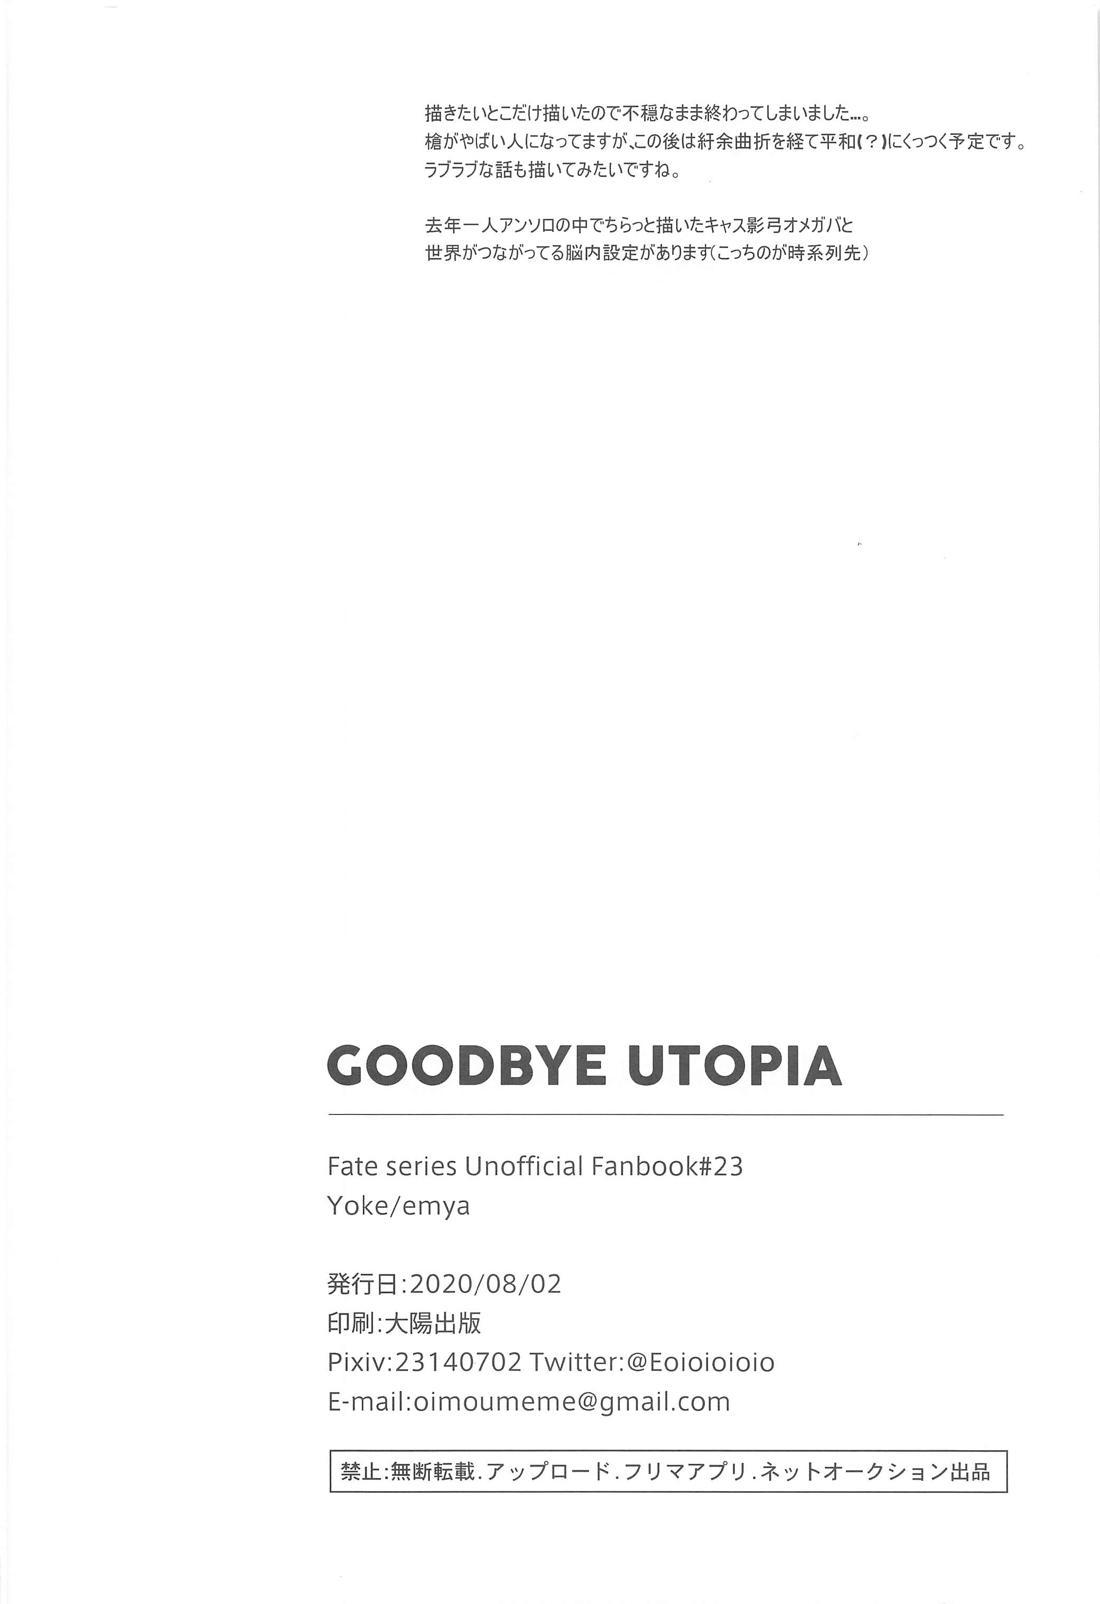 GOODBYE UTOPIA 20